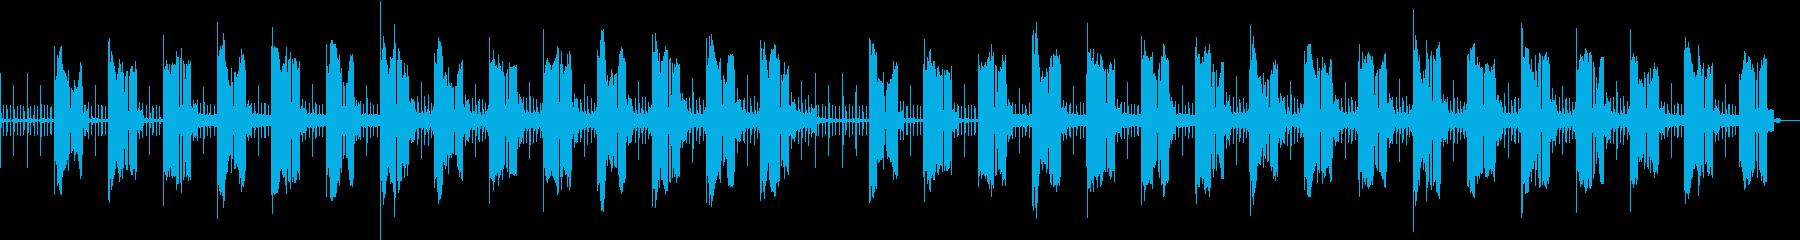 シンセベースのSF風サウンドの再生済みの波形